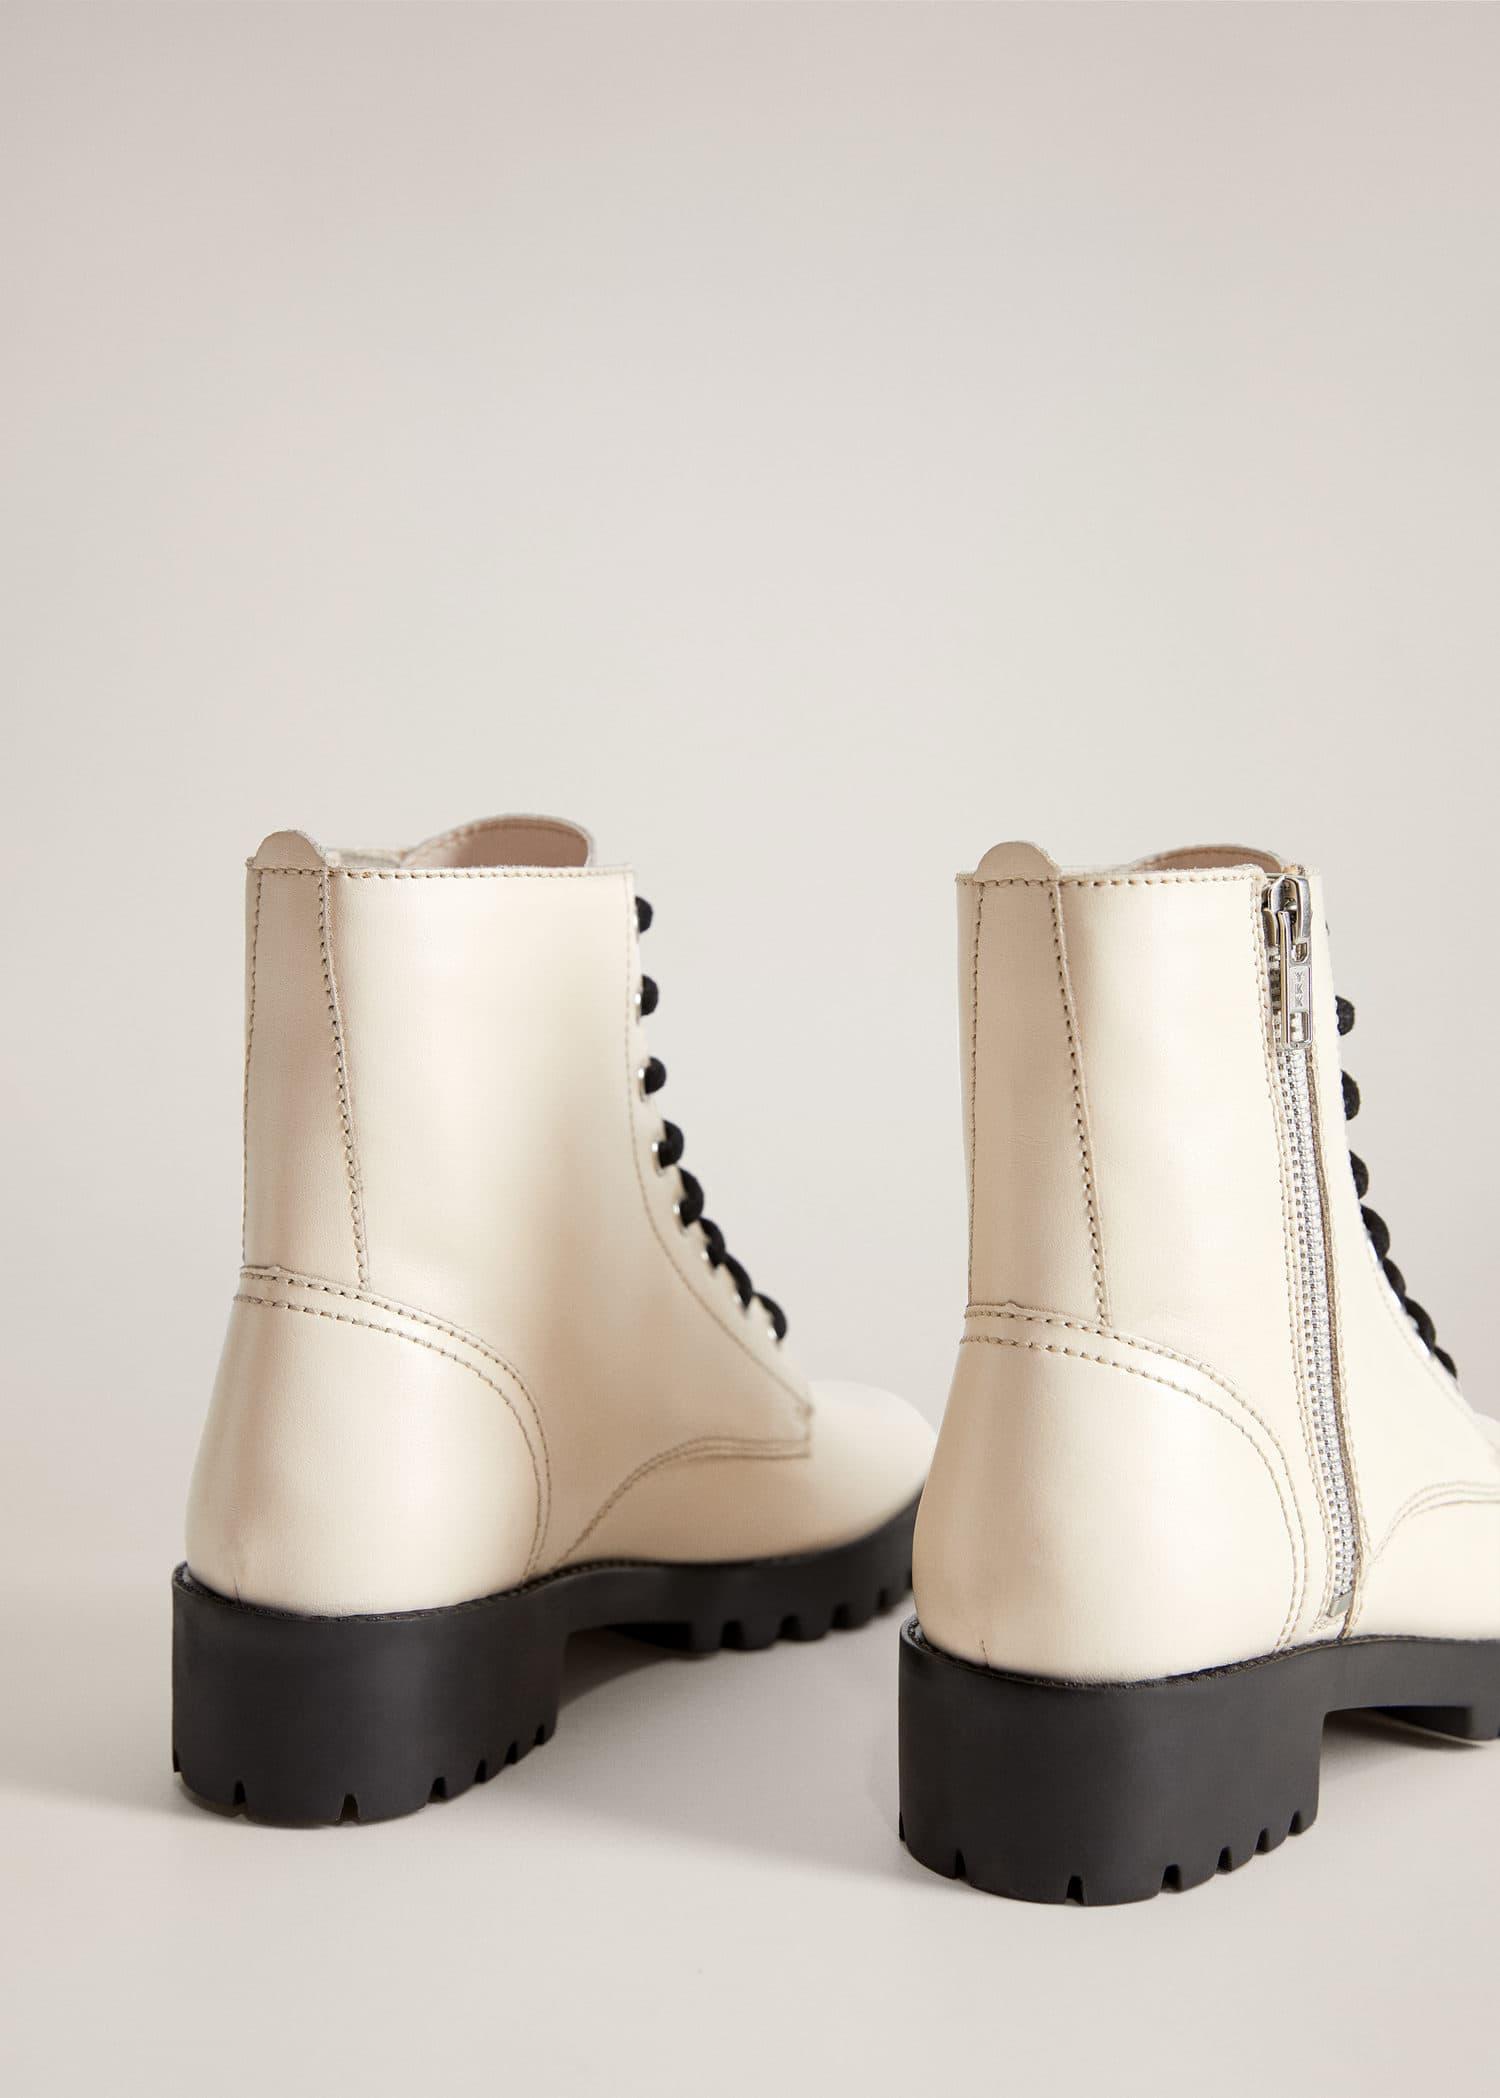 Stiefel & stiefeletten Schuhe für Damen 2020 | Mango Schweiz